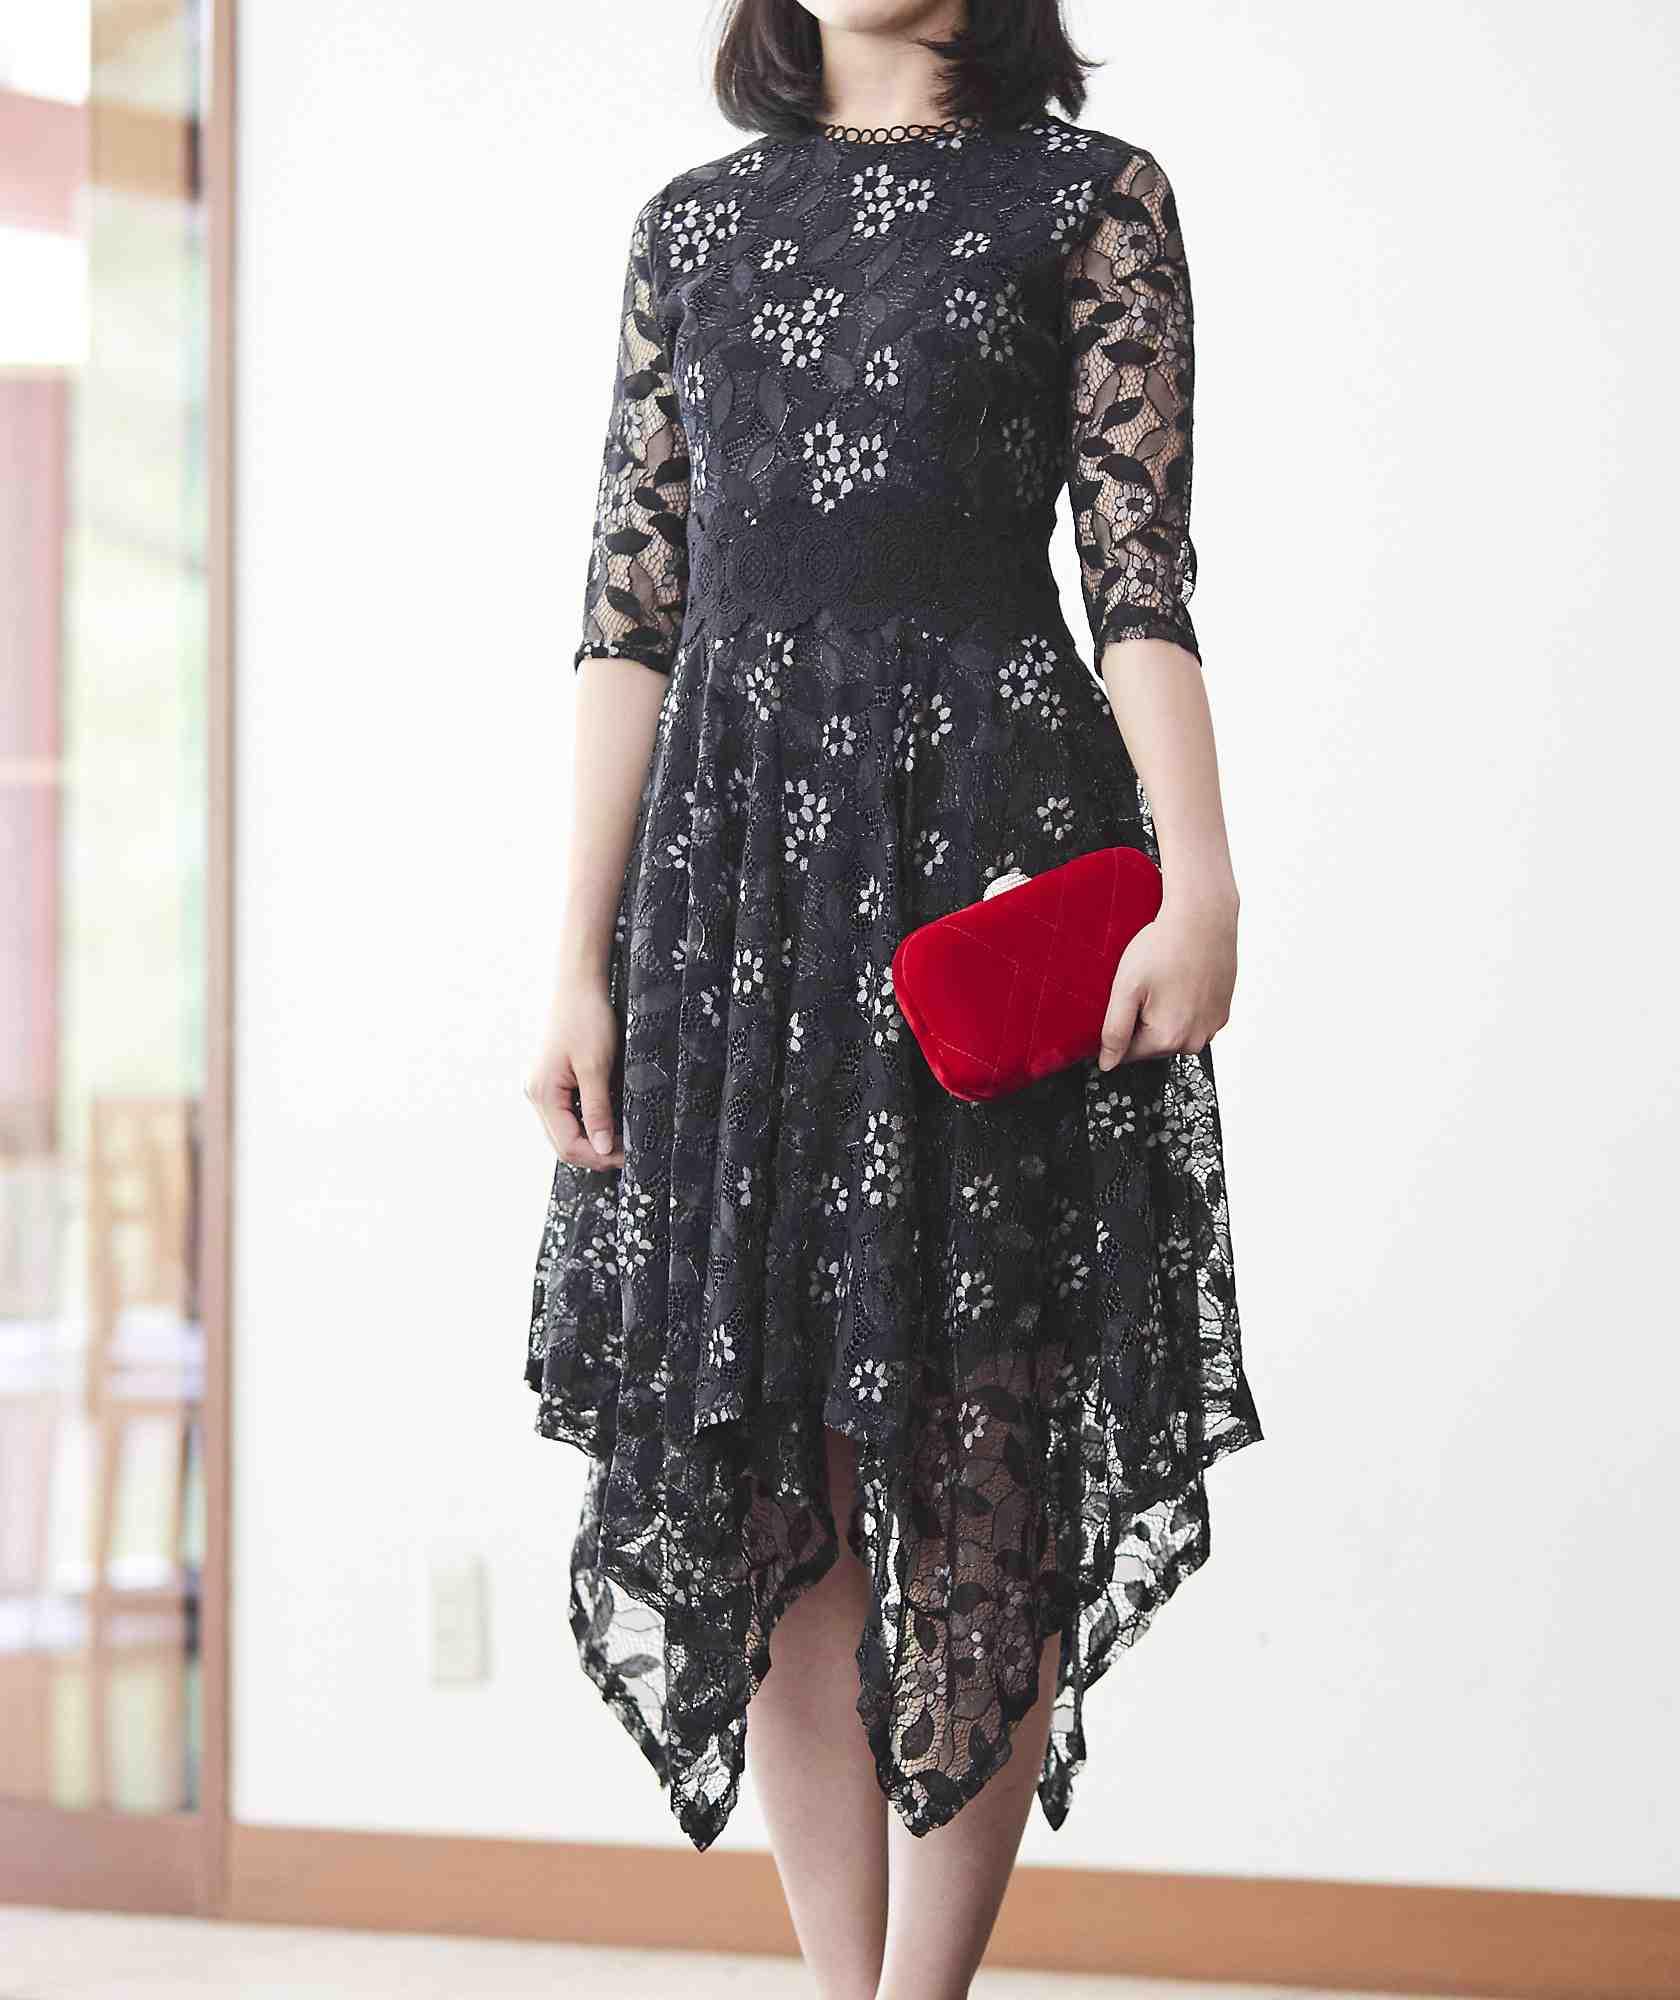 フラワーモチーフアシンメトリーミディアムドレス-ブラック-S-M